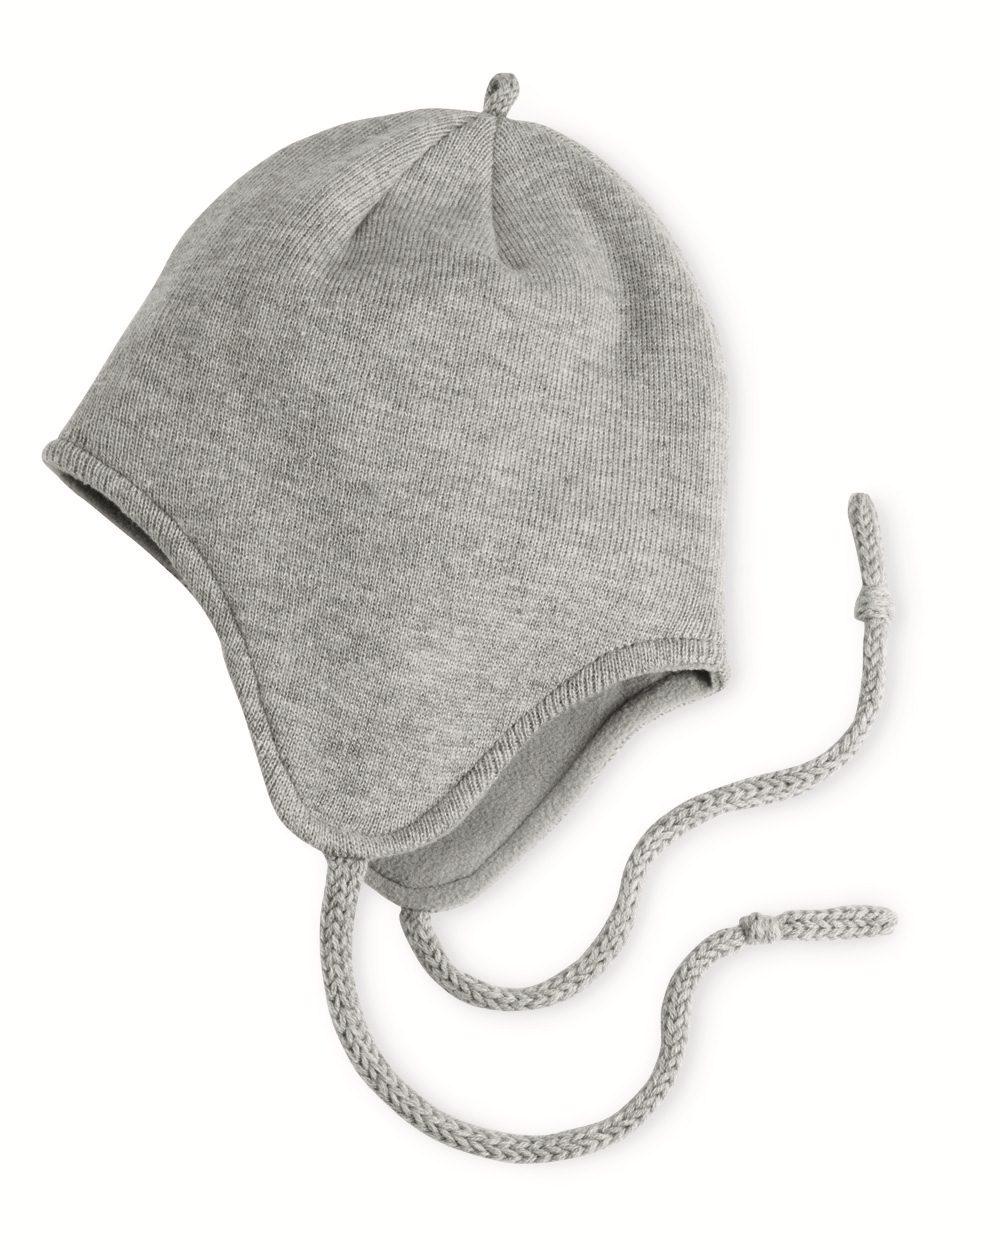 Sportsman Peruvian Tassel Hat - SP20